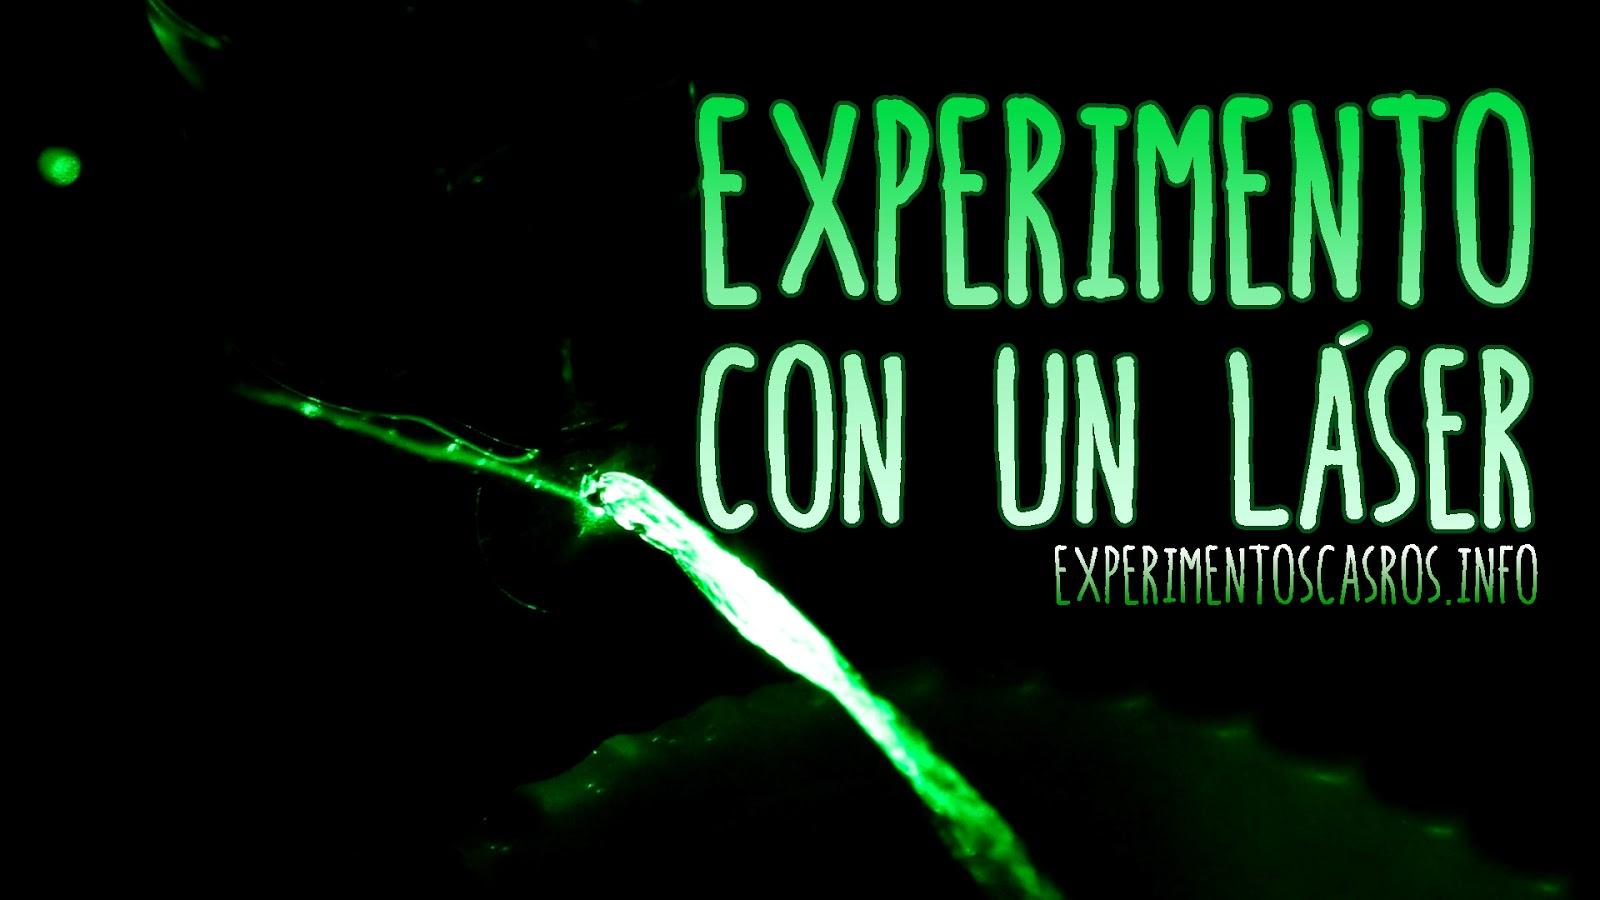 increíble experimento con un láser, experimentos con un láser, láser casero,experimento impresionante, reflexión de la luz, experimentos con luz ,experimentos caseros, experimentos, experimento, experimentos sencillos, experimentos fáciles, experimentos para niños, experimentos caseros para niños, ciencia, ciencia en casa, feria de ciencias, experimentos de física, experimentos de química